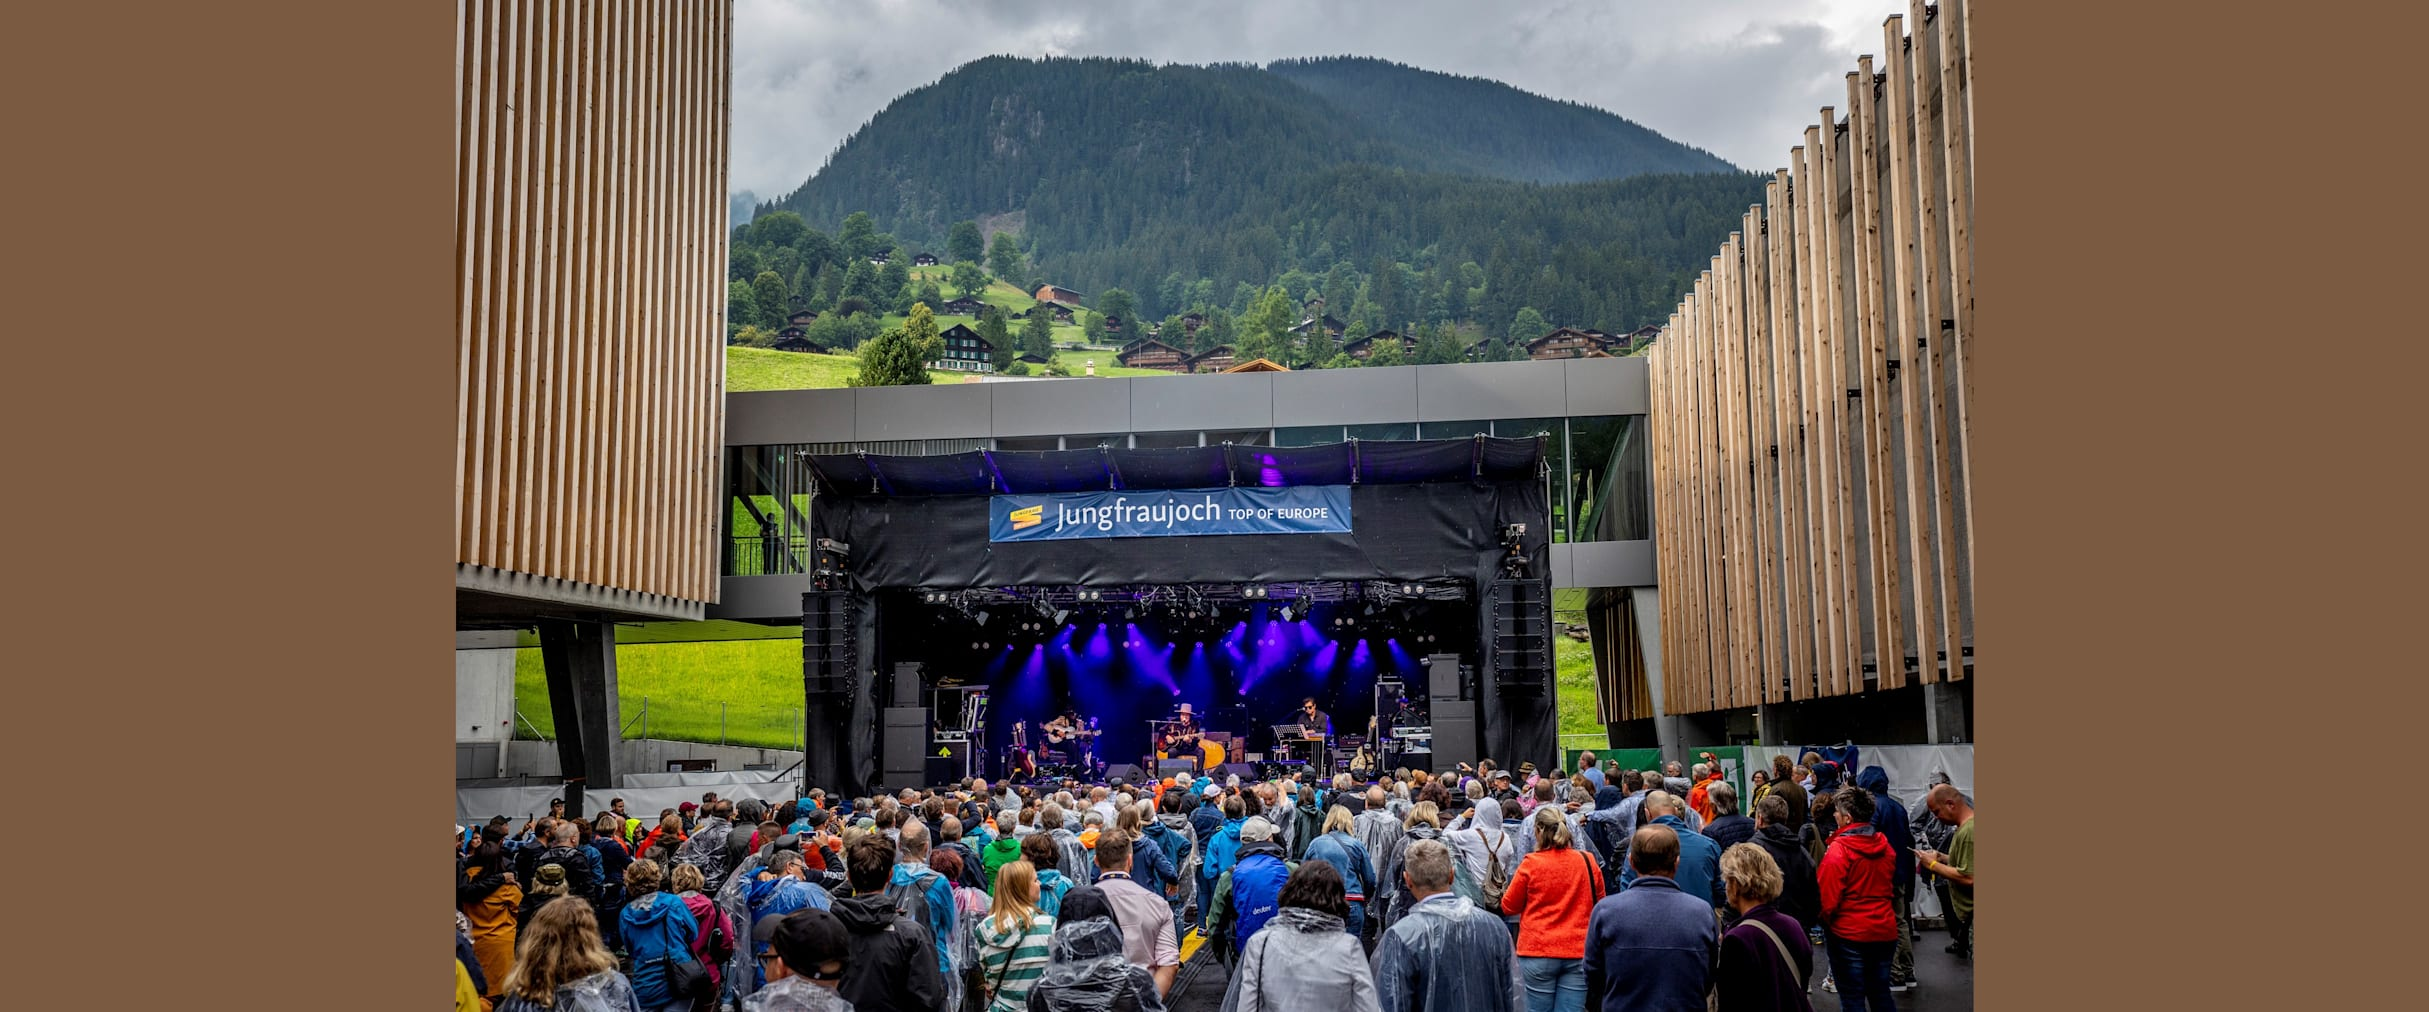 Zucchero Grindelwald Terminal Konzert 30 Juli 2021